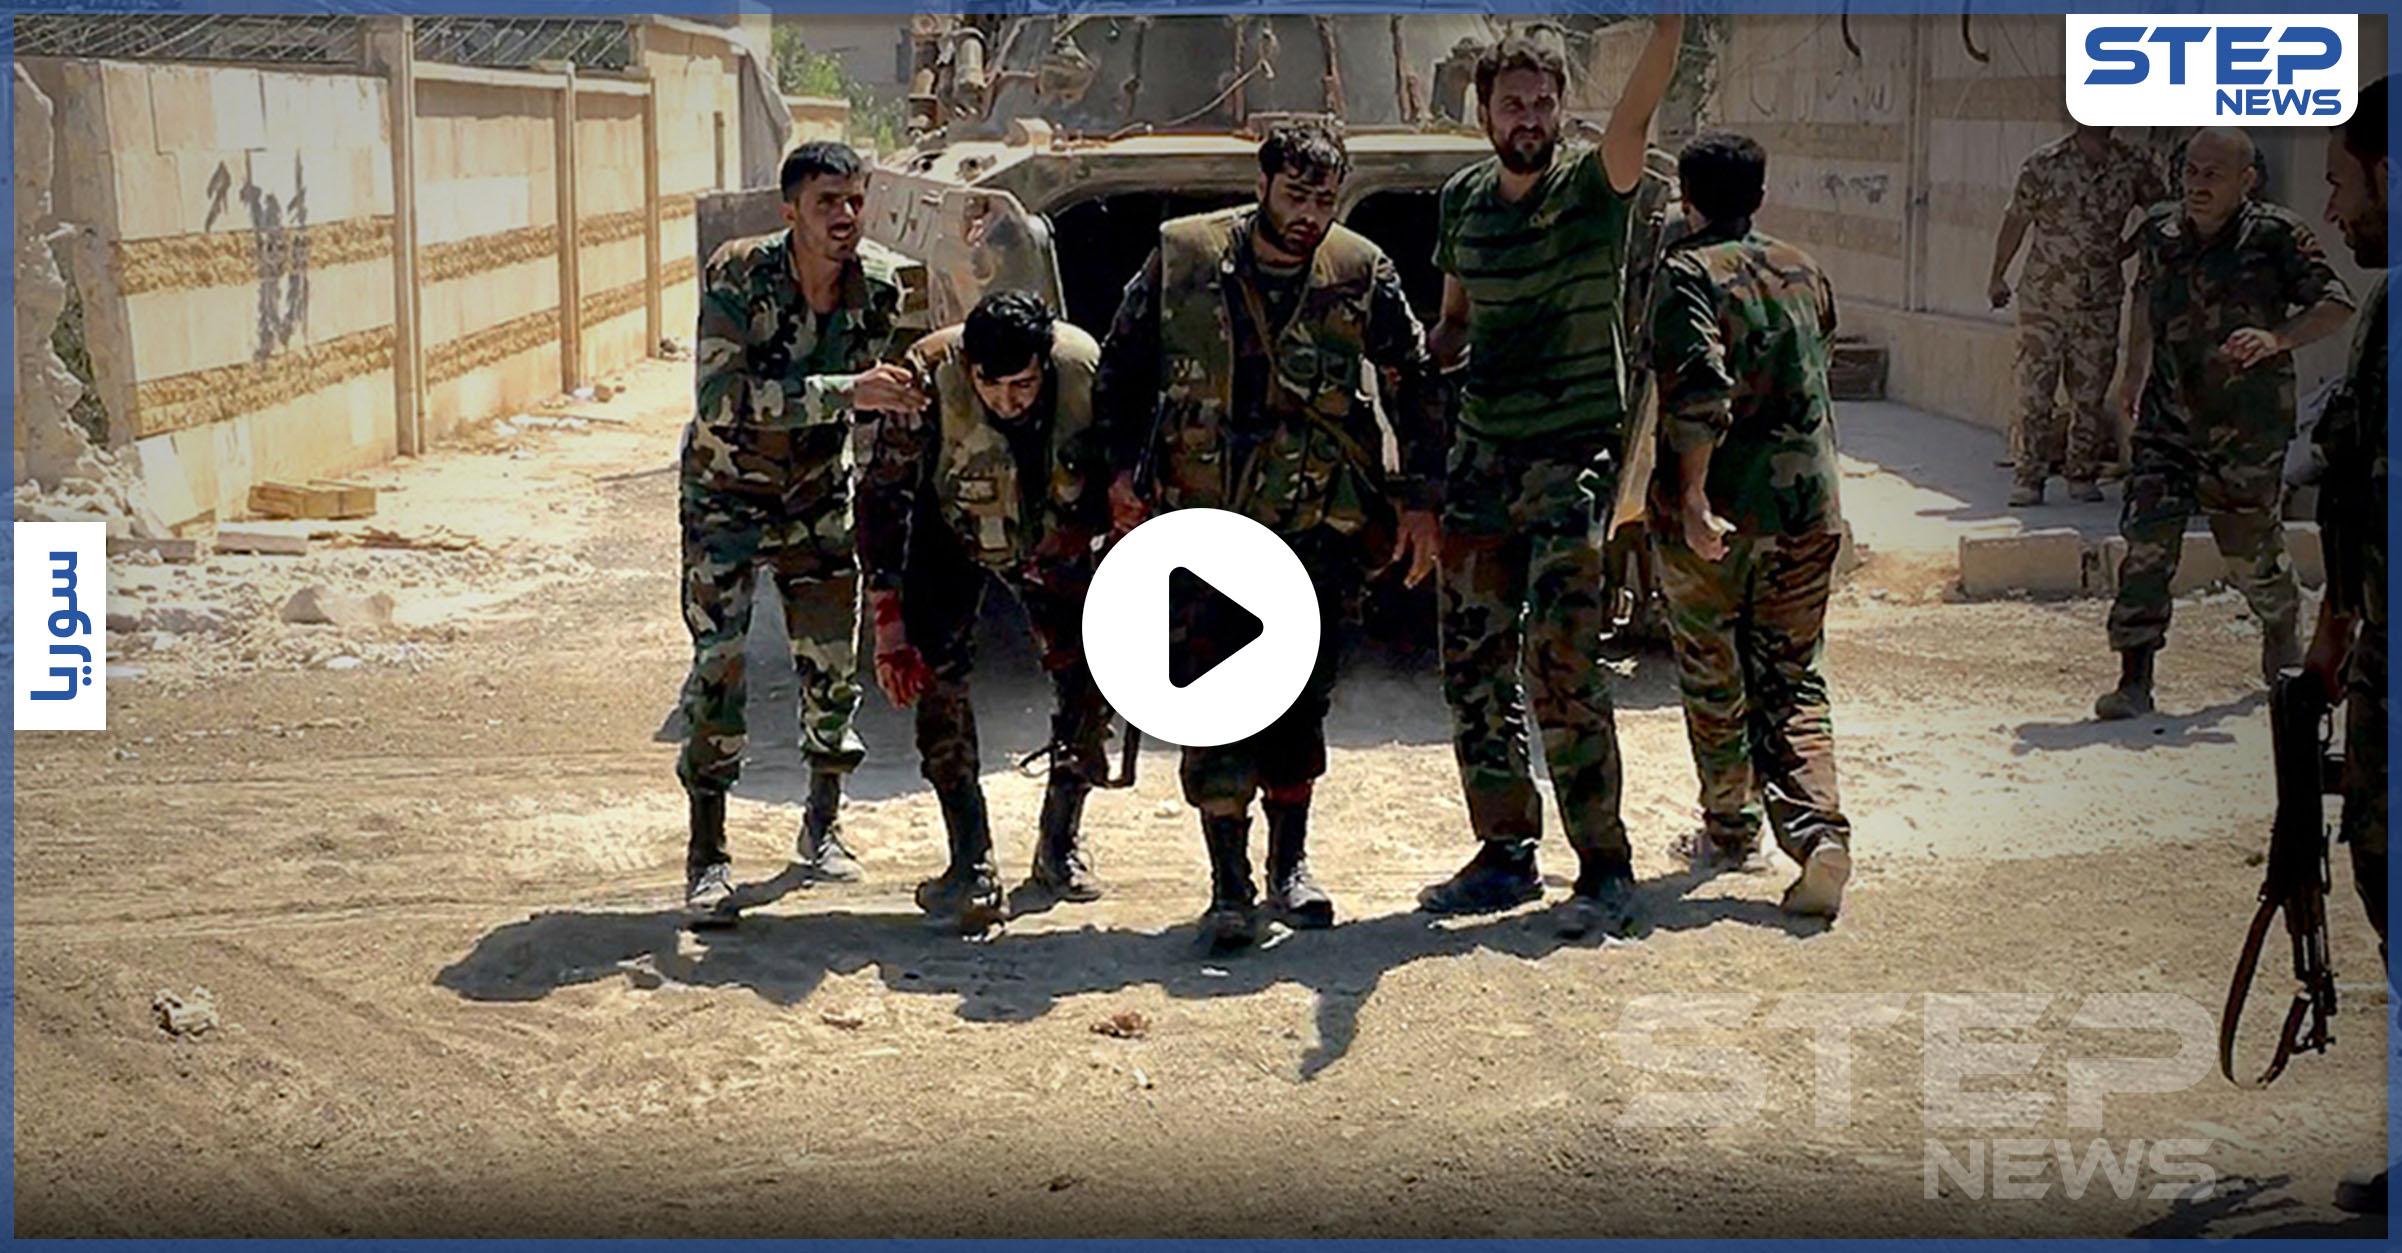 تحرير الشام تقتحم مقرات عمليات أحرار الشام بجبل الزاوية